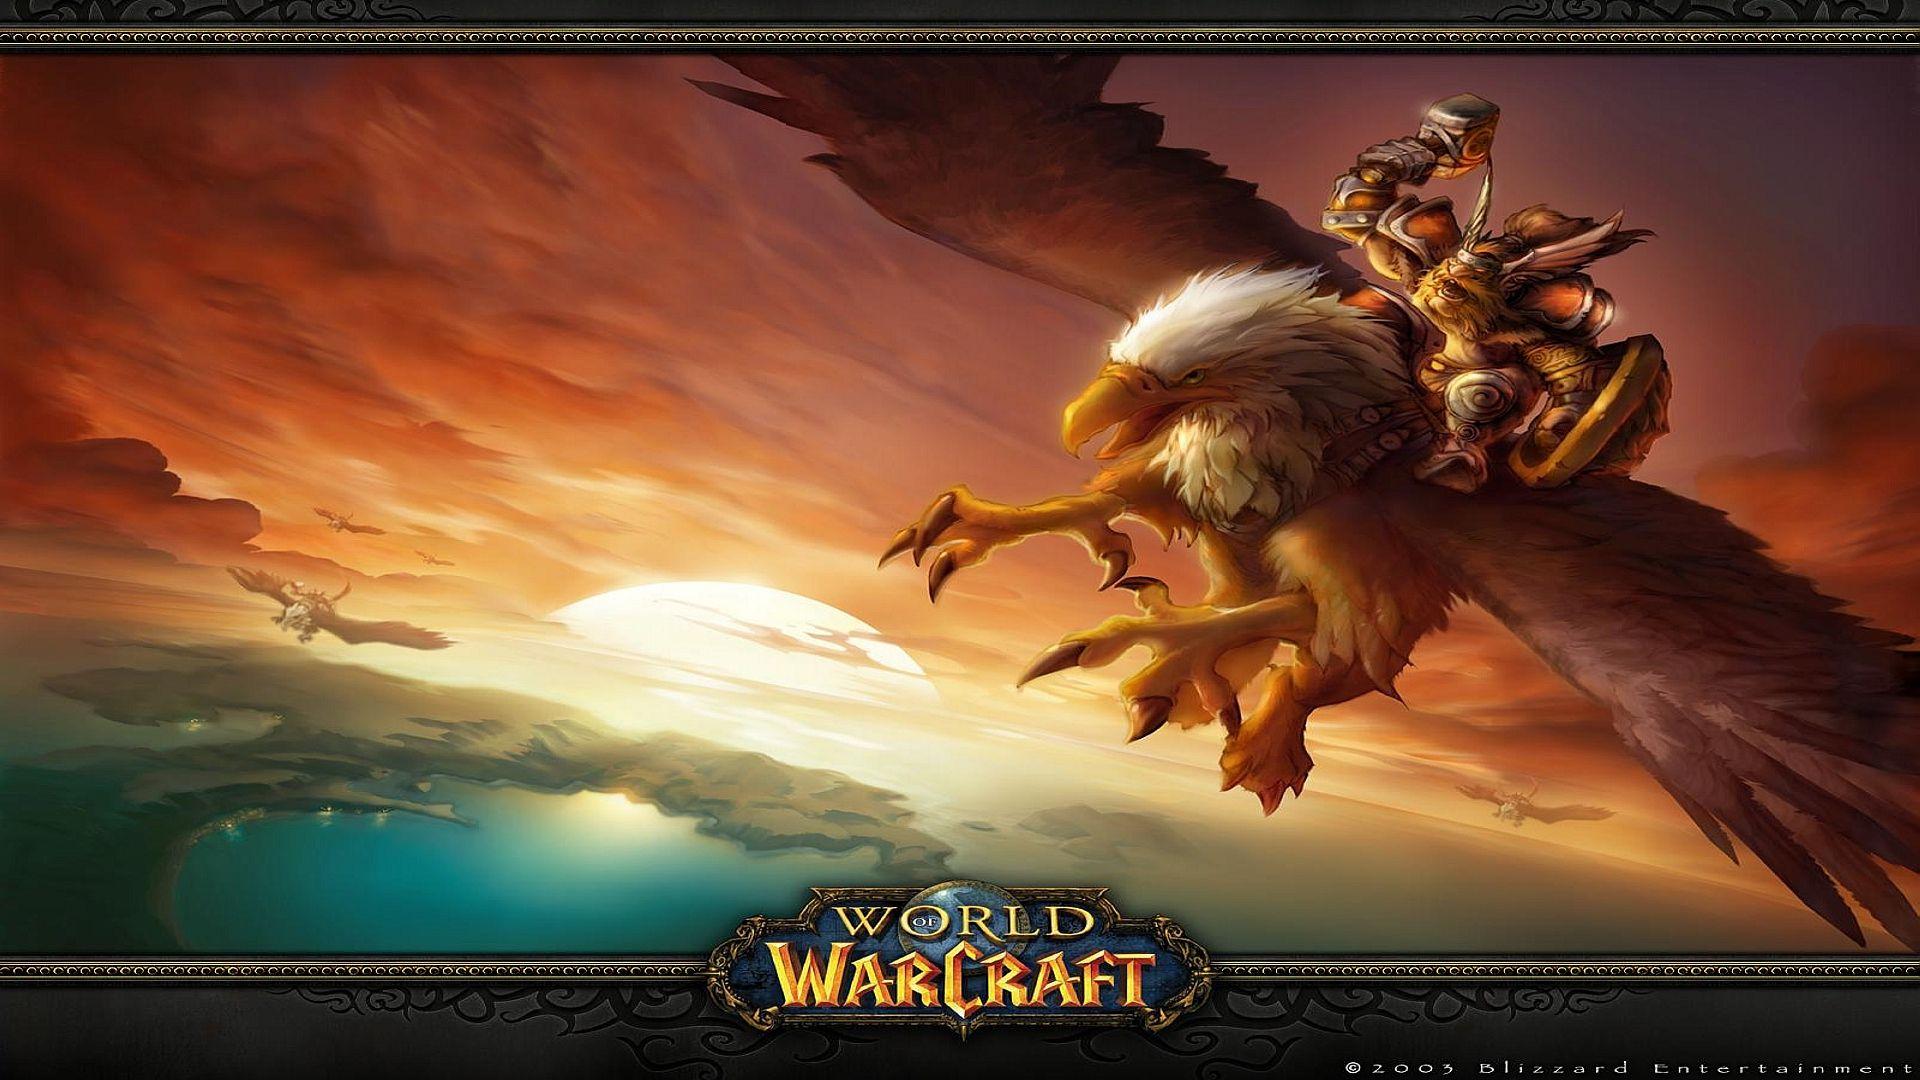 World Of Warcraft Wallpaper 1920x1080: 3 Screen Wallpaper 1920x1080 Wow